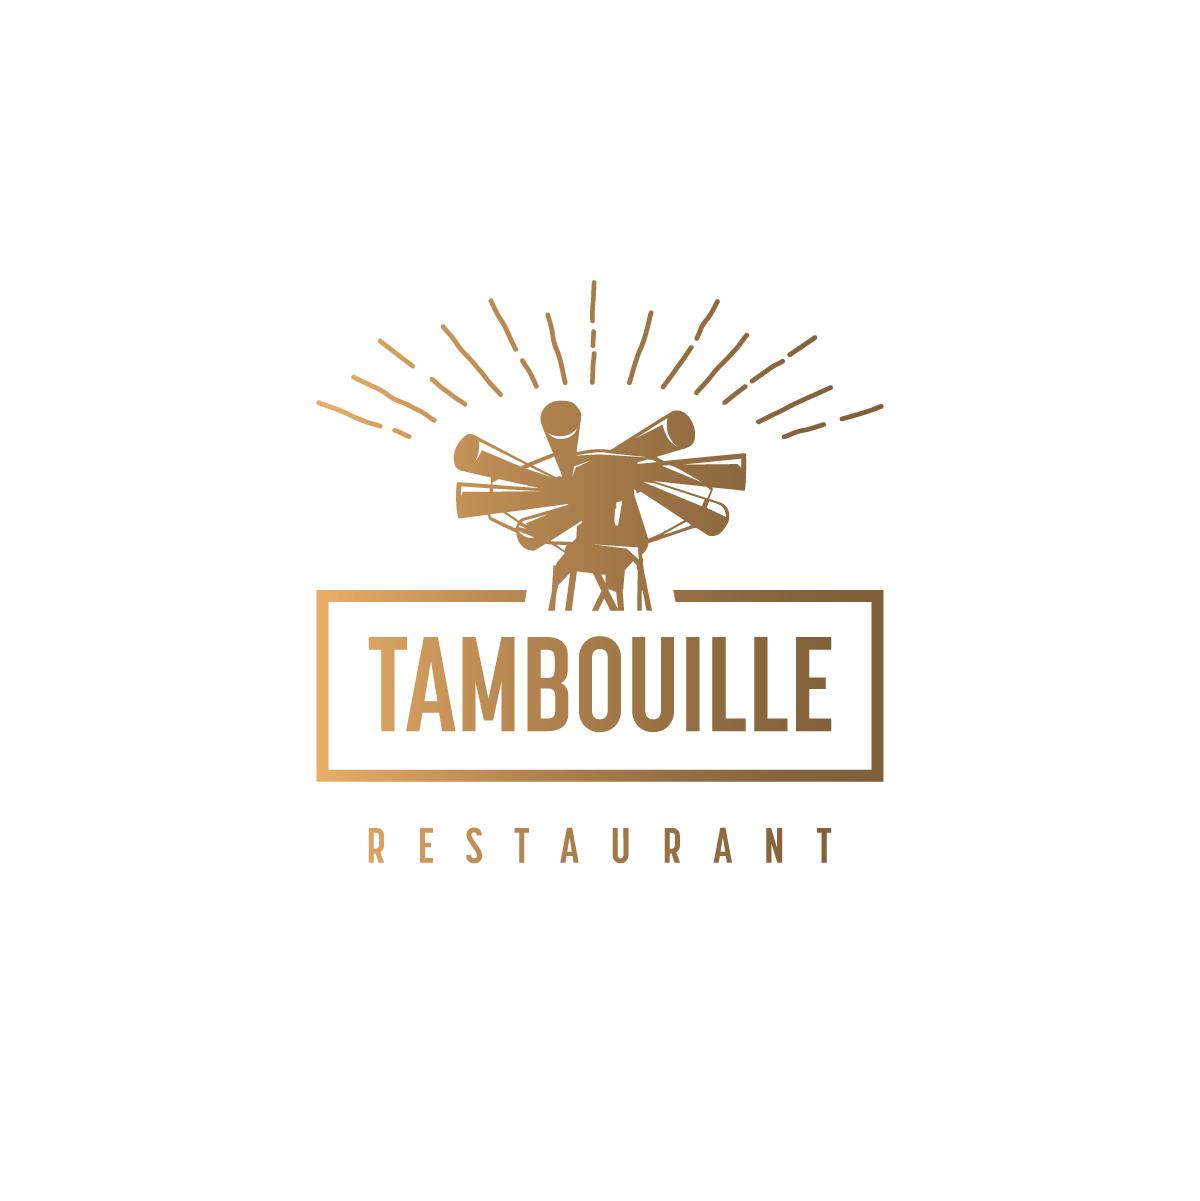 Logo Tambouille restaurant-cover CmondadaDesign